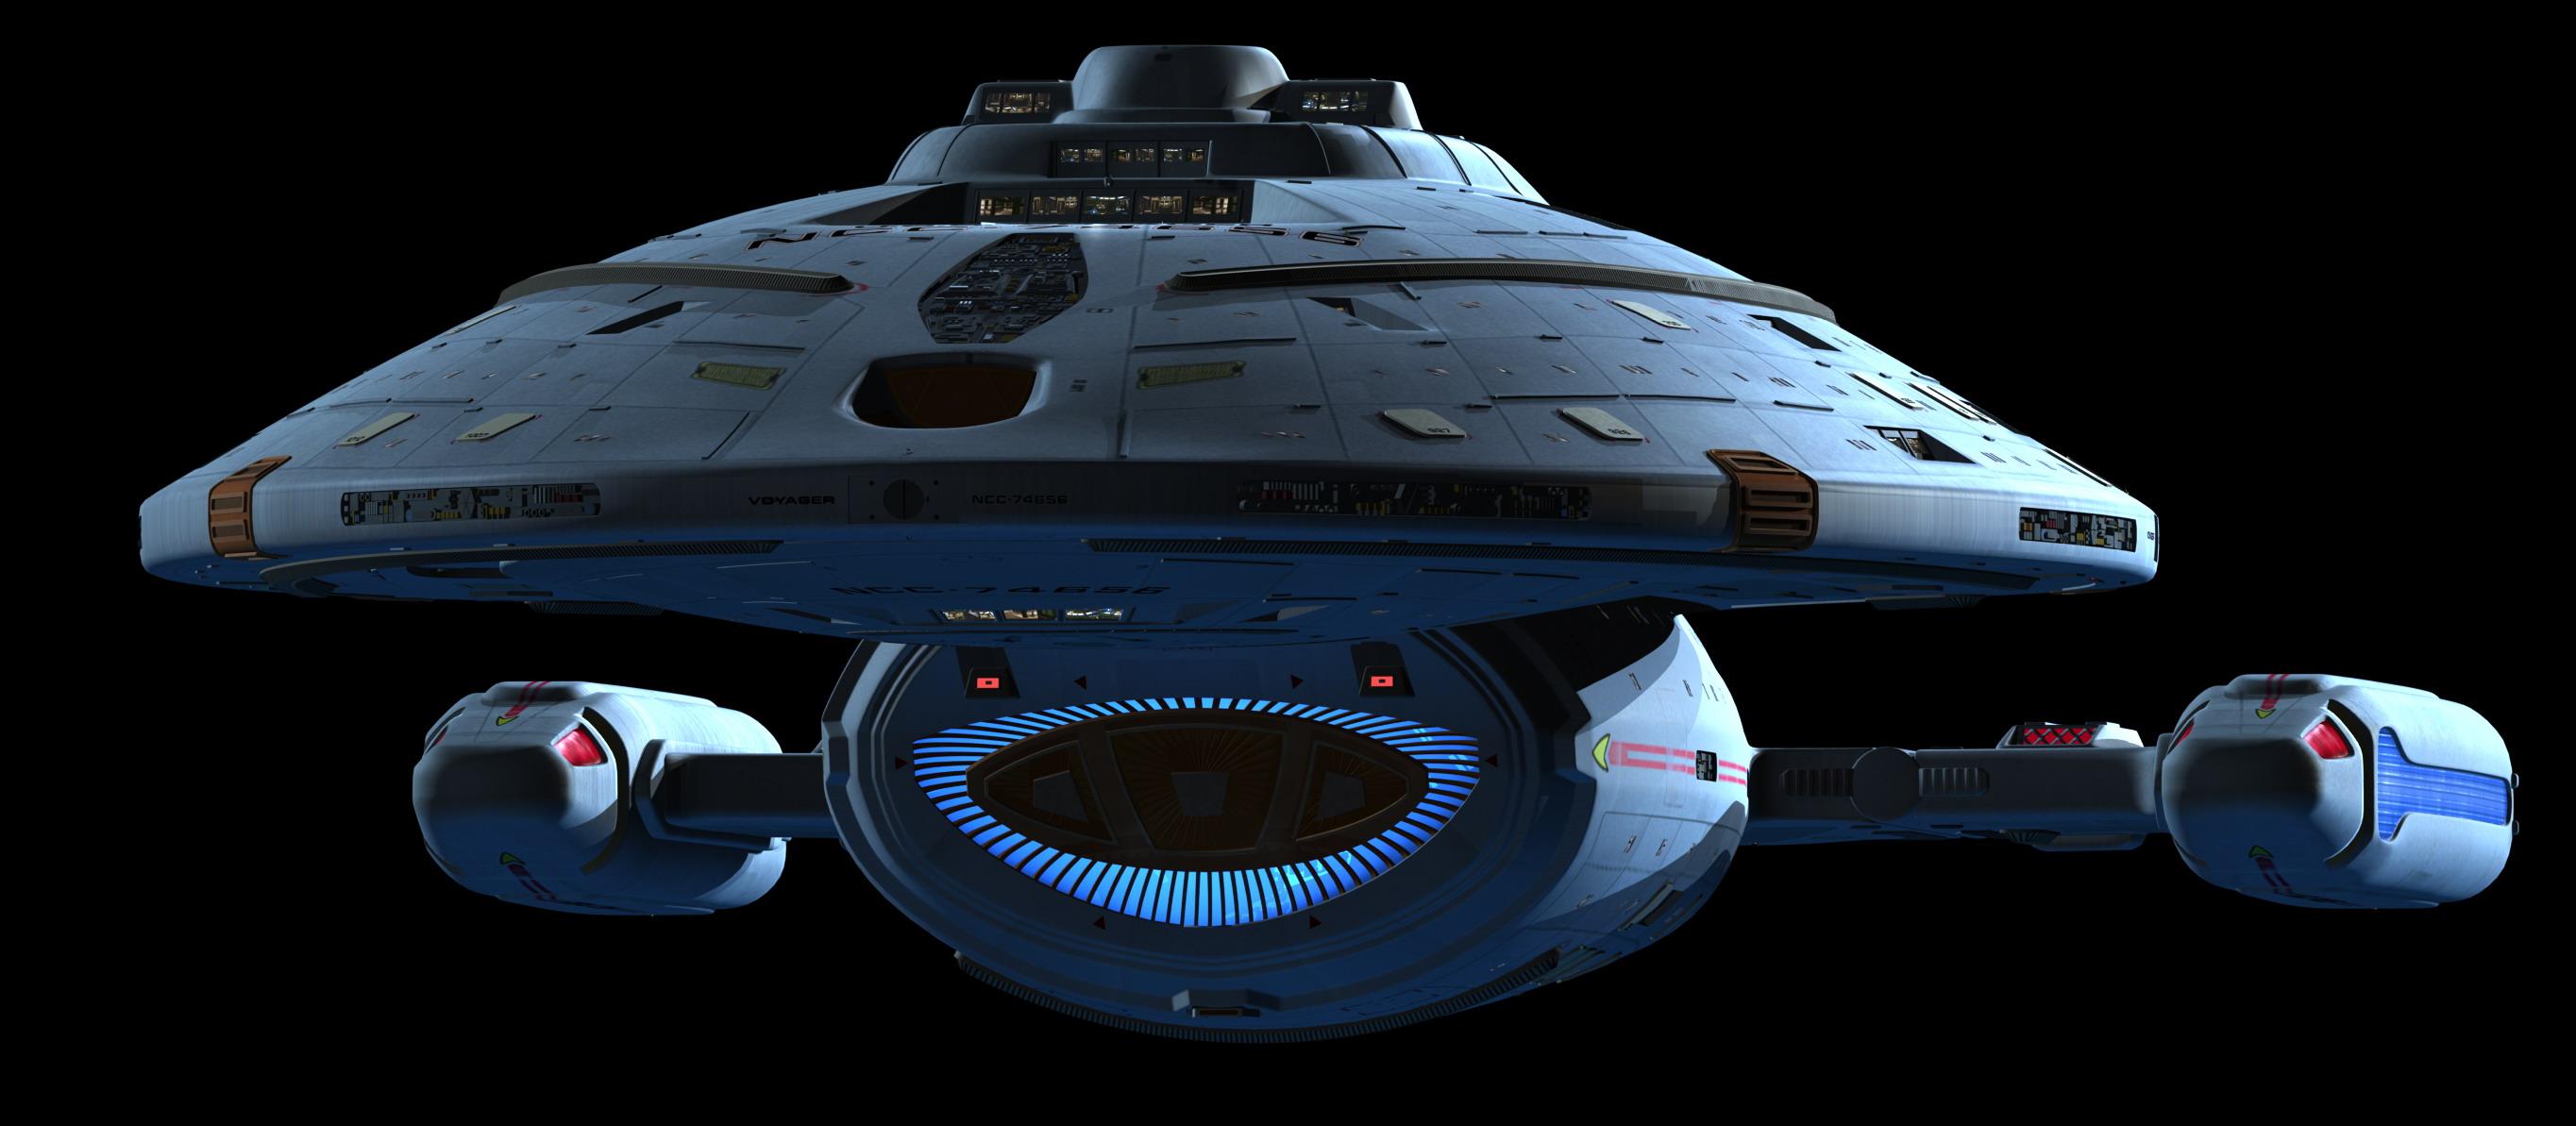 Star trek voyager spacecraft - Quelle Rymdfilm Files Wordpress Com